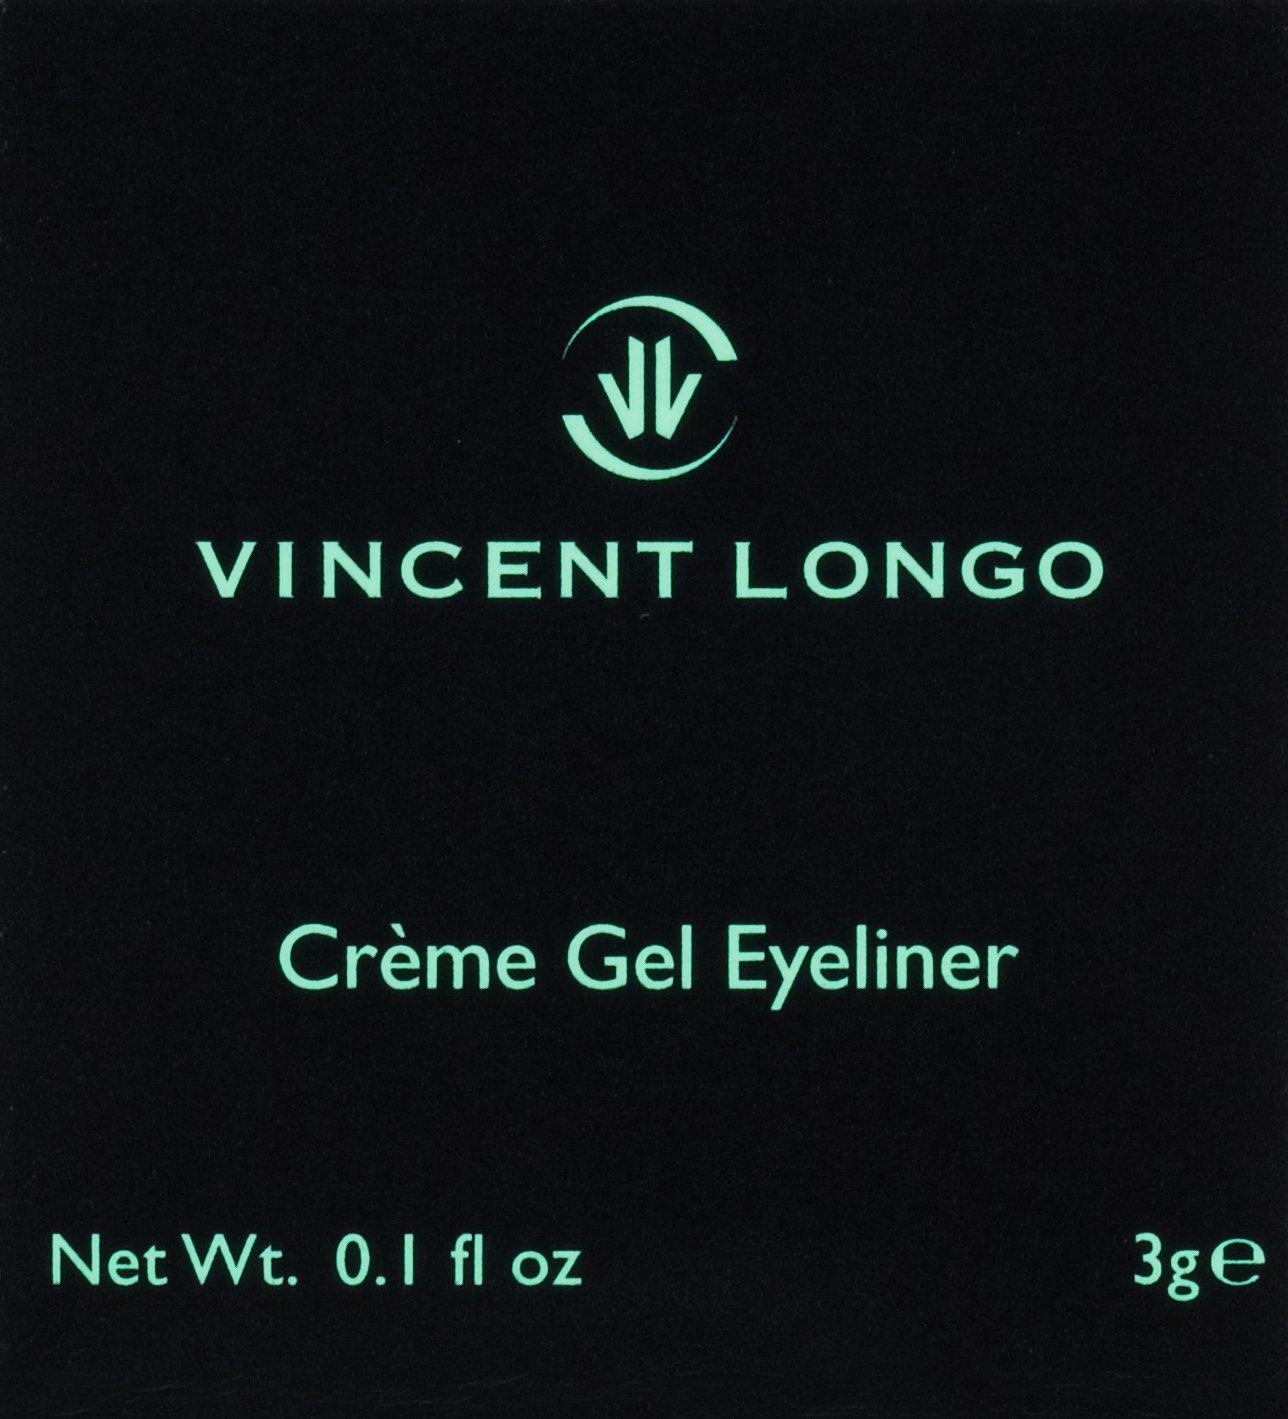 VINCENT LONGO Cr me Gel EyeLiner, Blu Raven